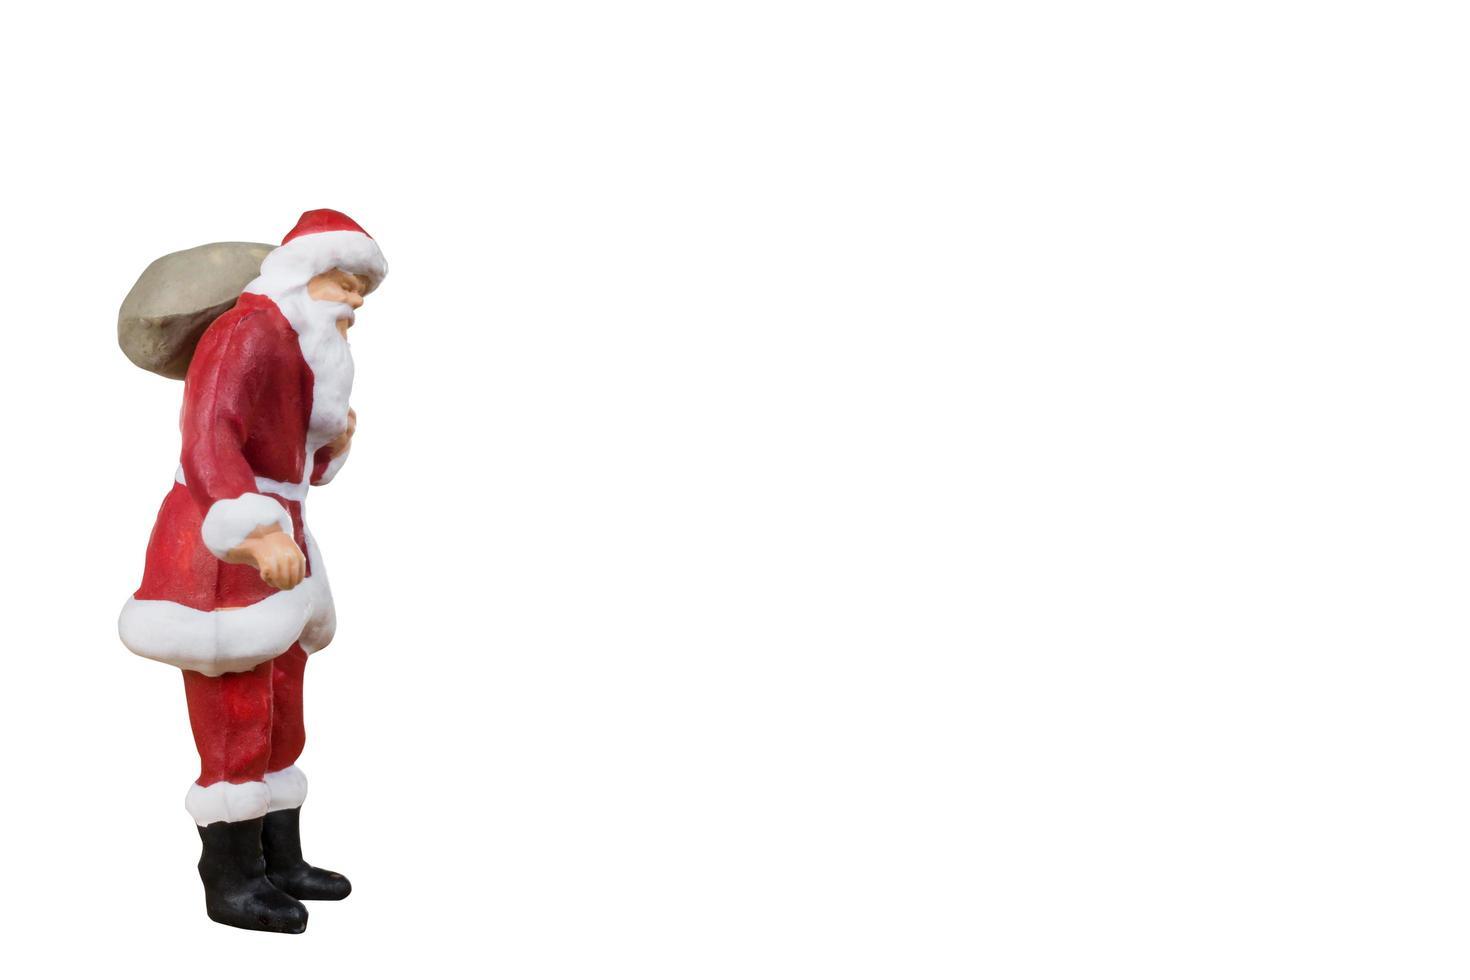 Miniatur-Weihnachtsmann, der eine Tasche trägt, die auf einem weißen Hintergrund lokalisiert wird foto